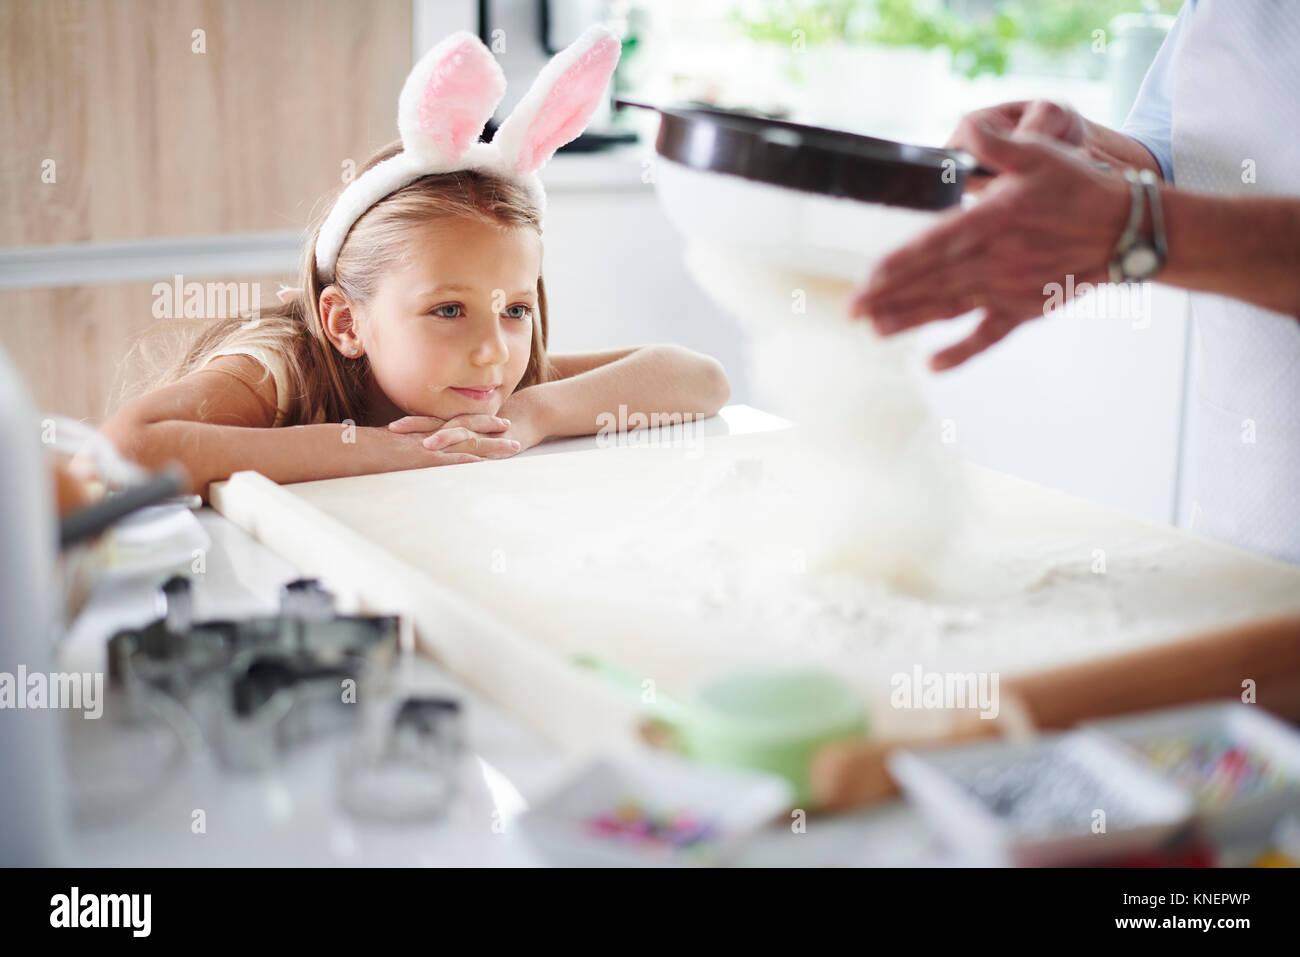 Grand-mère Girl pour tamiser la farine à pâtisserie de Pâques Photo Stock